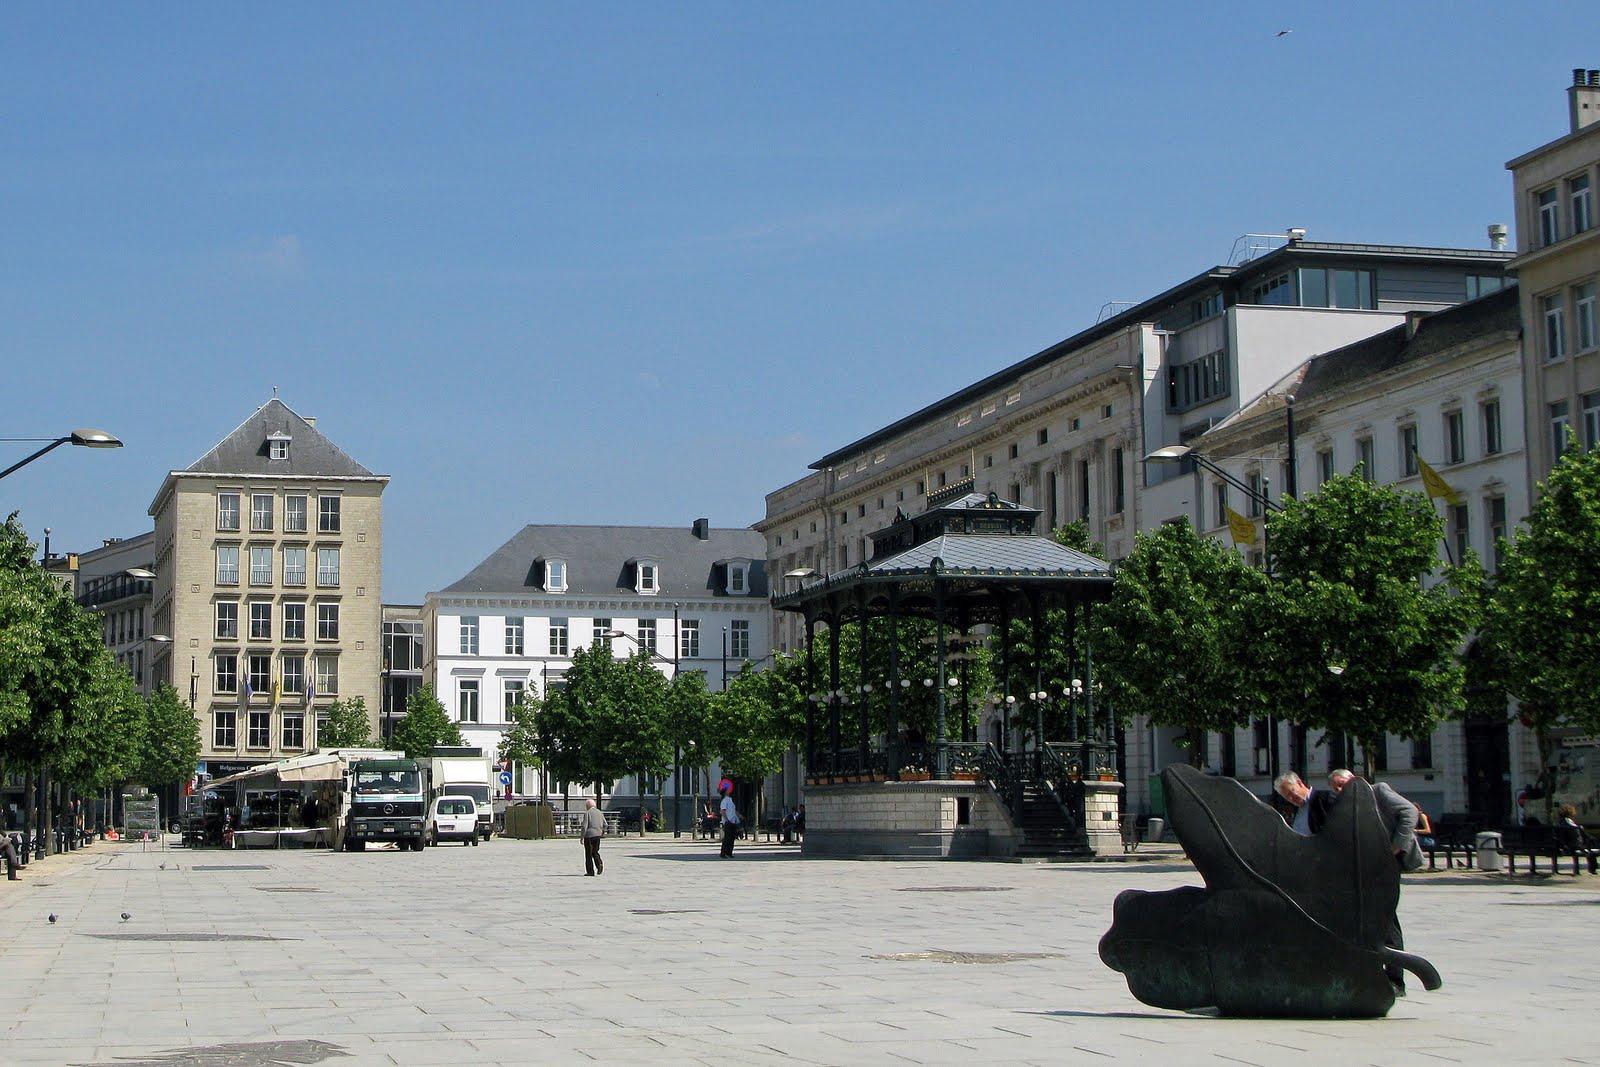 Dementievriendelijke wandelingen – Historisch snoepen van Gent